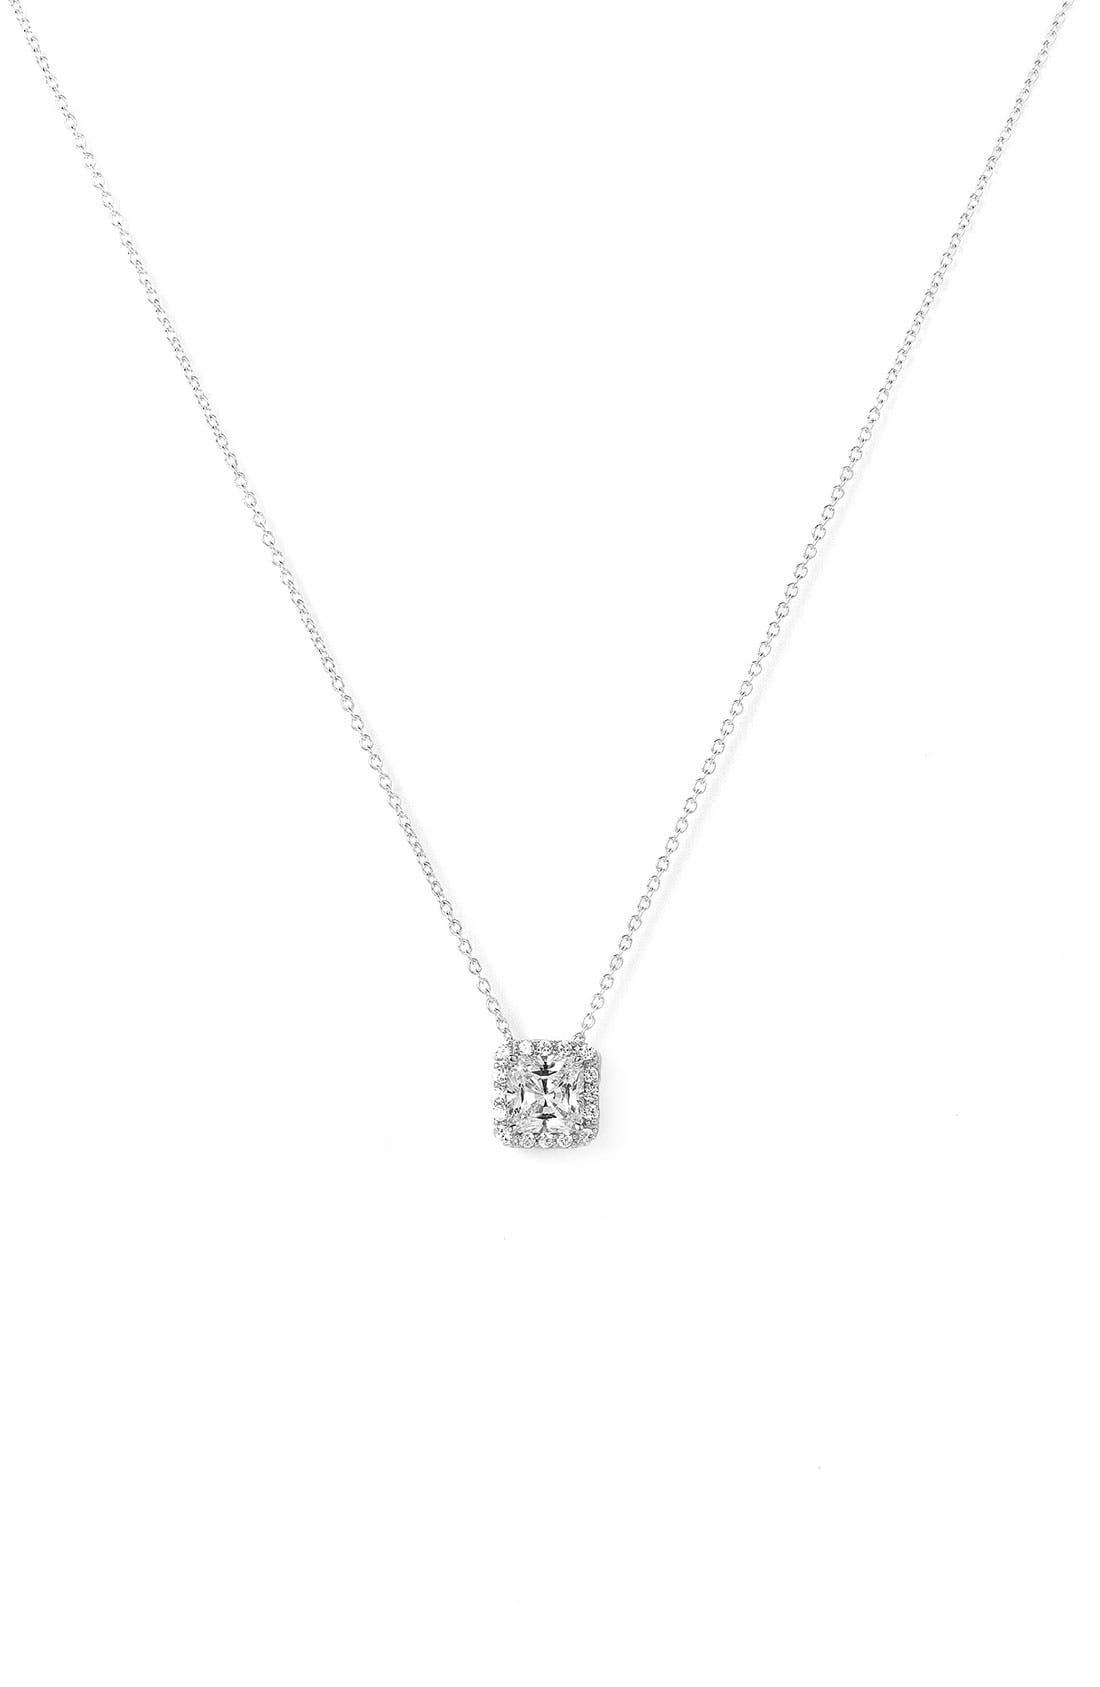 Main Image - Nordstrom Princess Cut Pavé Pendant Necklace